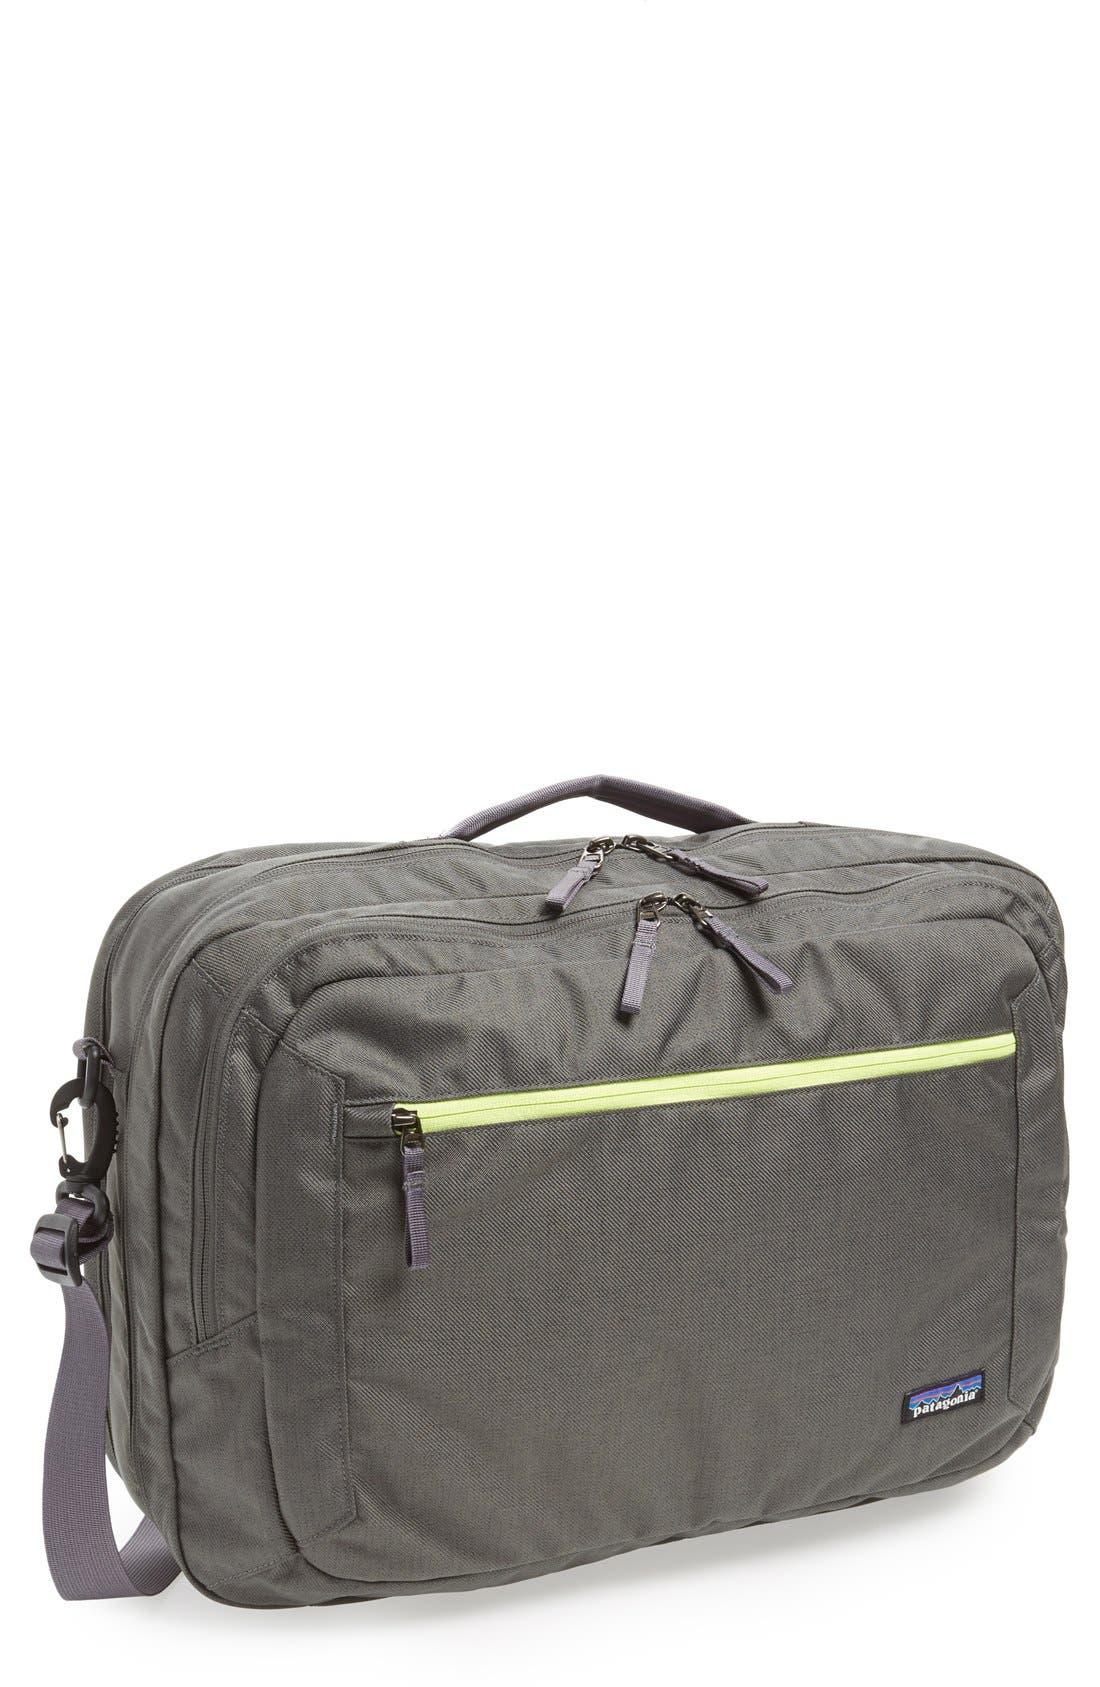 Main Image - Patagonia 'Transport' Messenger Bag